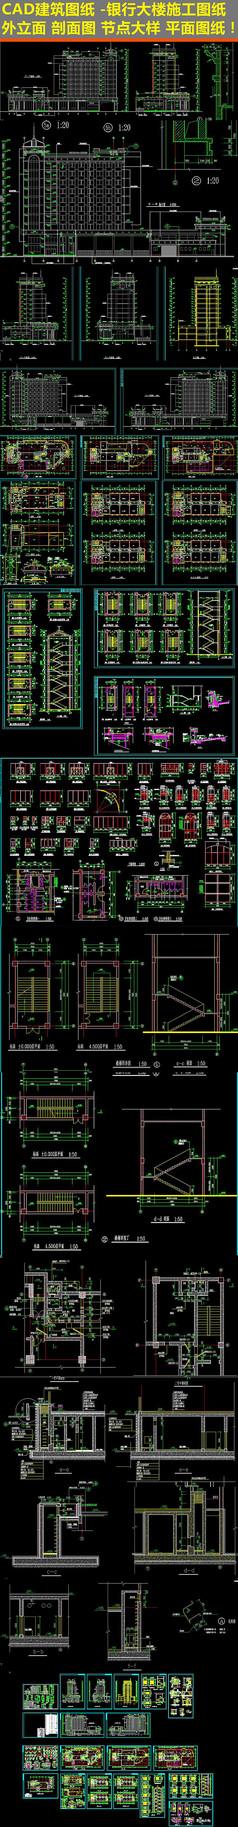 CAD建筑图纸银行办公楼设计